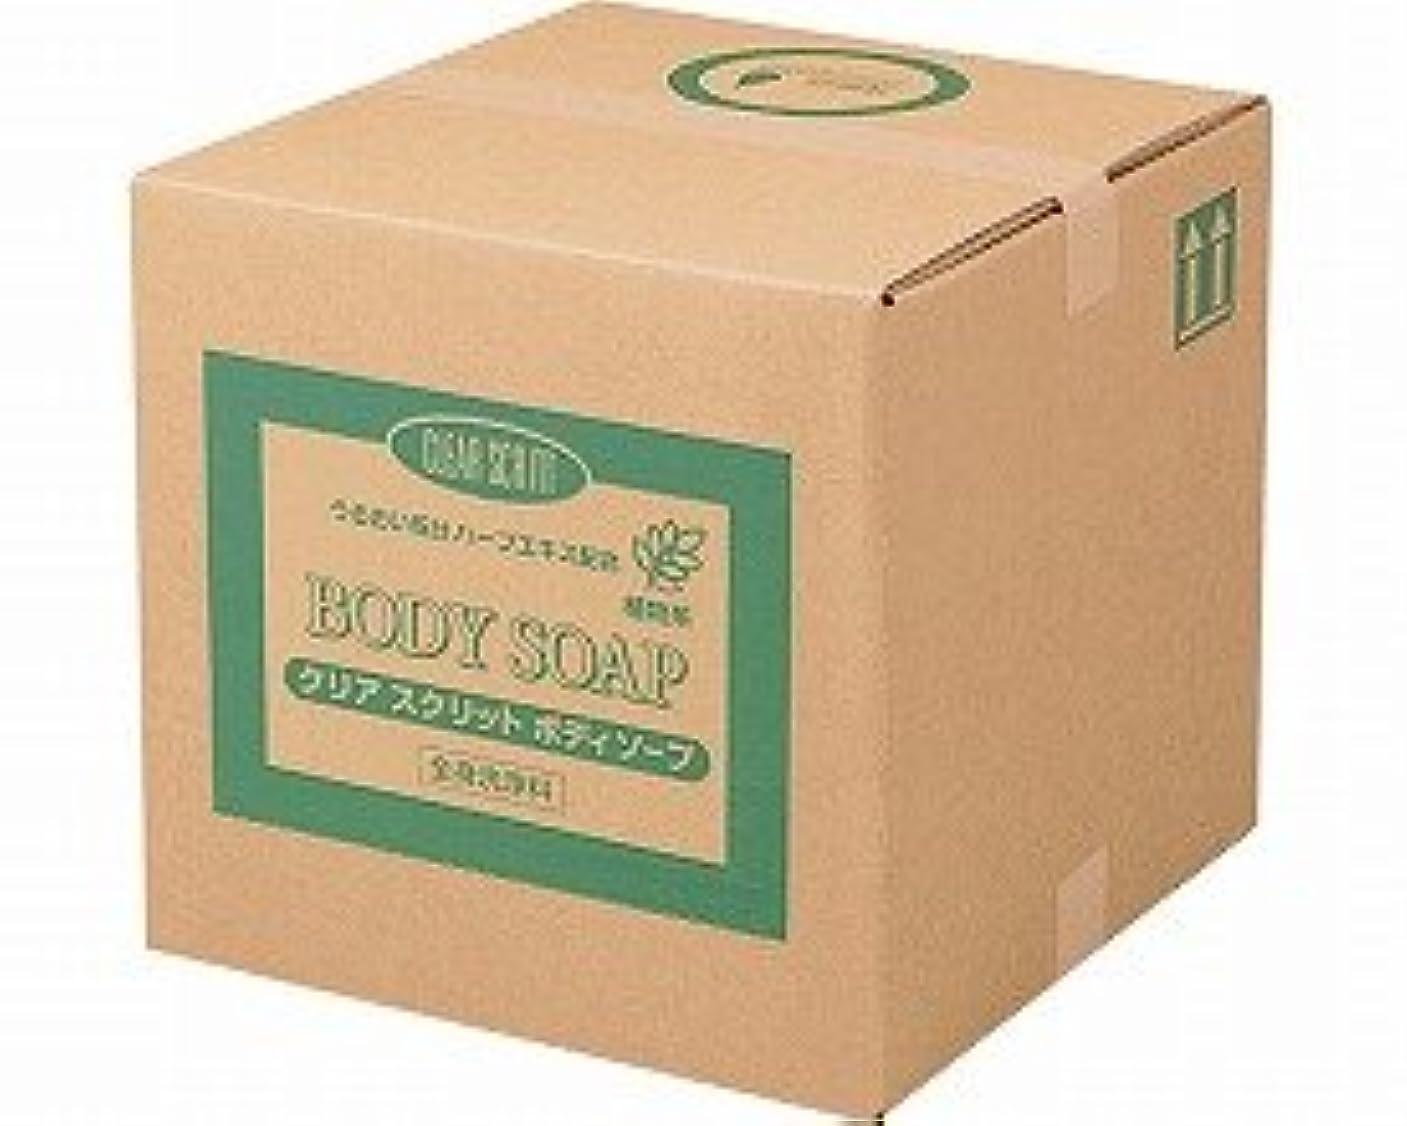 書誌ローンデマンドCLEAR SCRITT(クリアスクリット) ボディソープ 18L コック付 4355 (熊野油脂) (清拭小物)